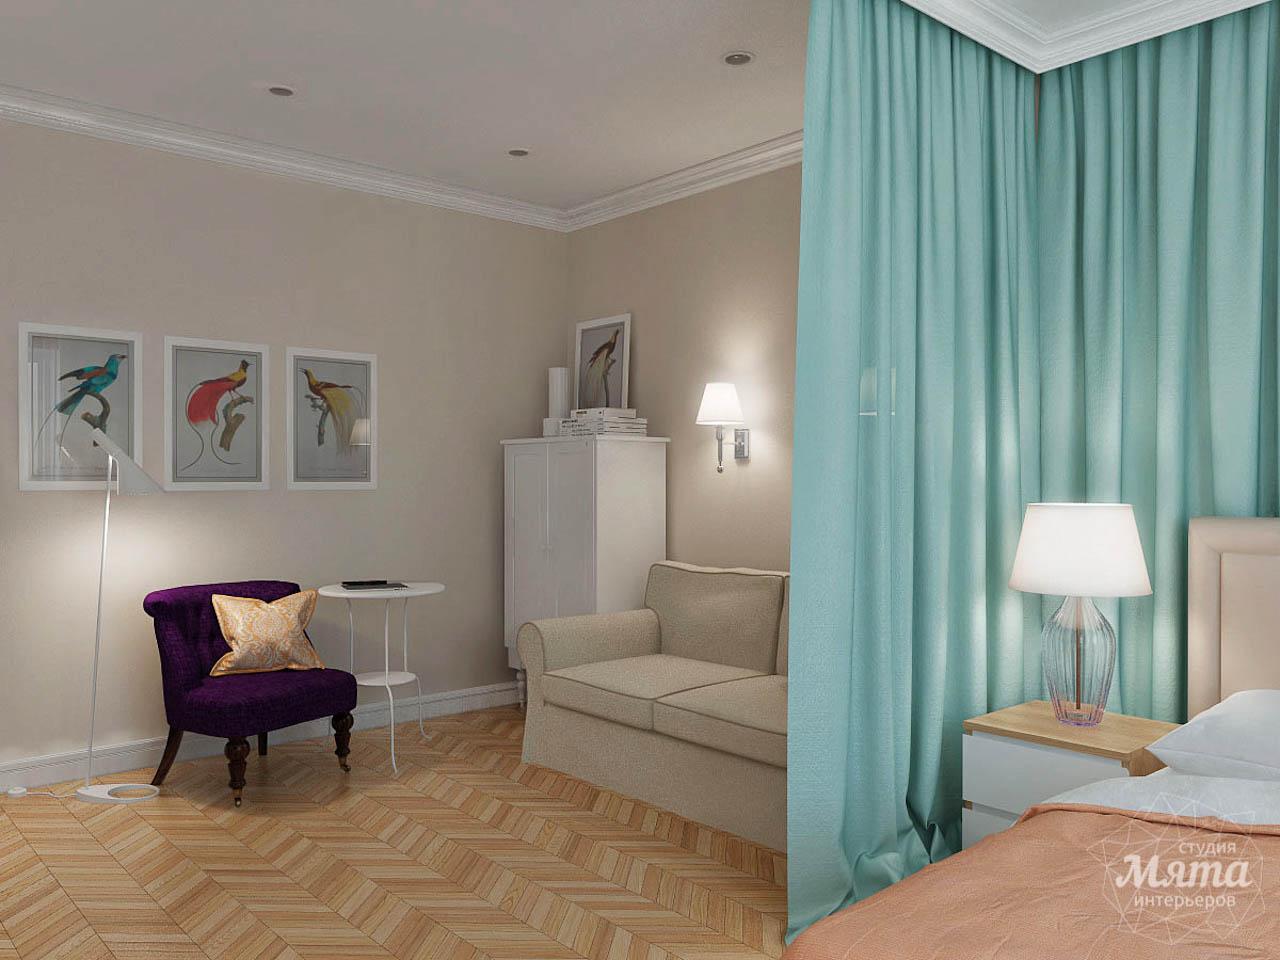 Дизайн интерьера однокомнатной квартиры по ул. Мичурина 231 img578389948